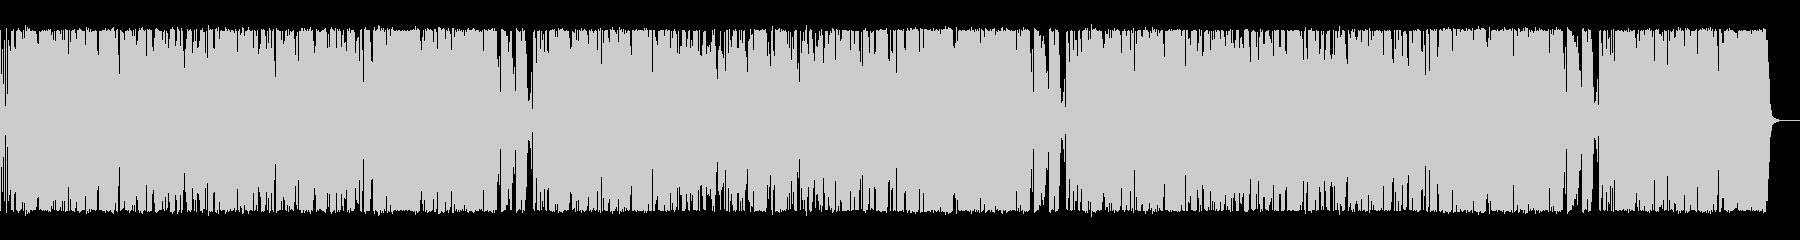 元気ハツラツブラス+ロック フルの未再生の波形